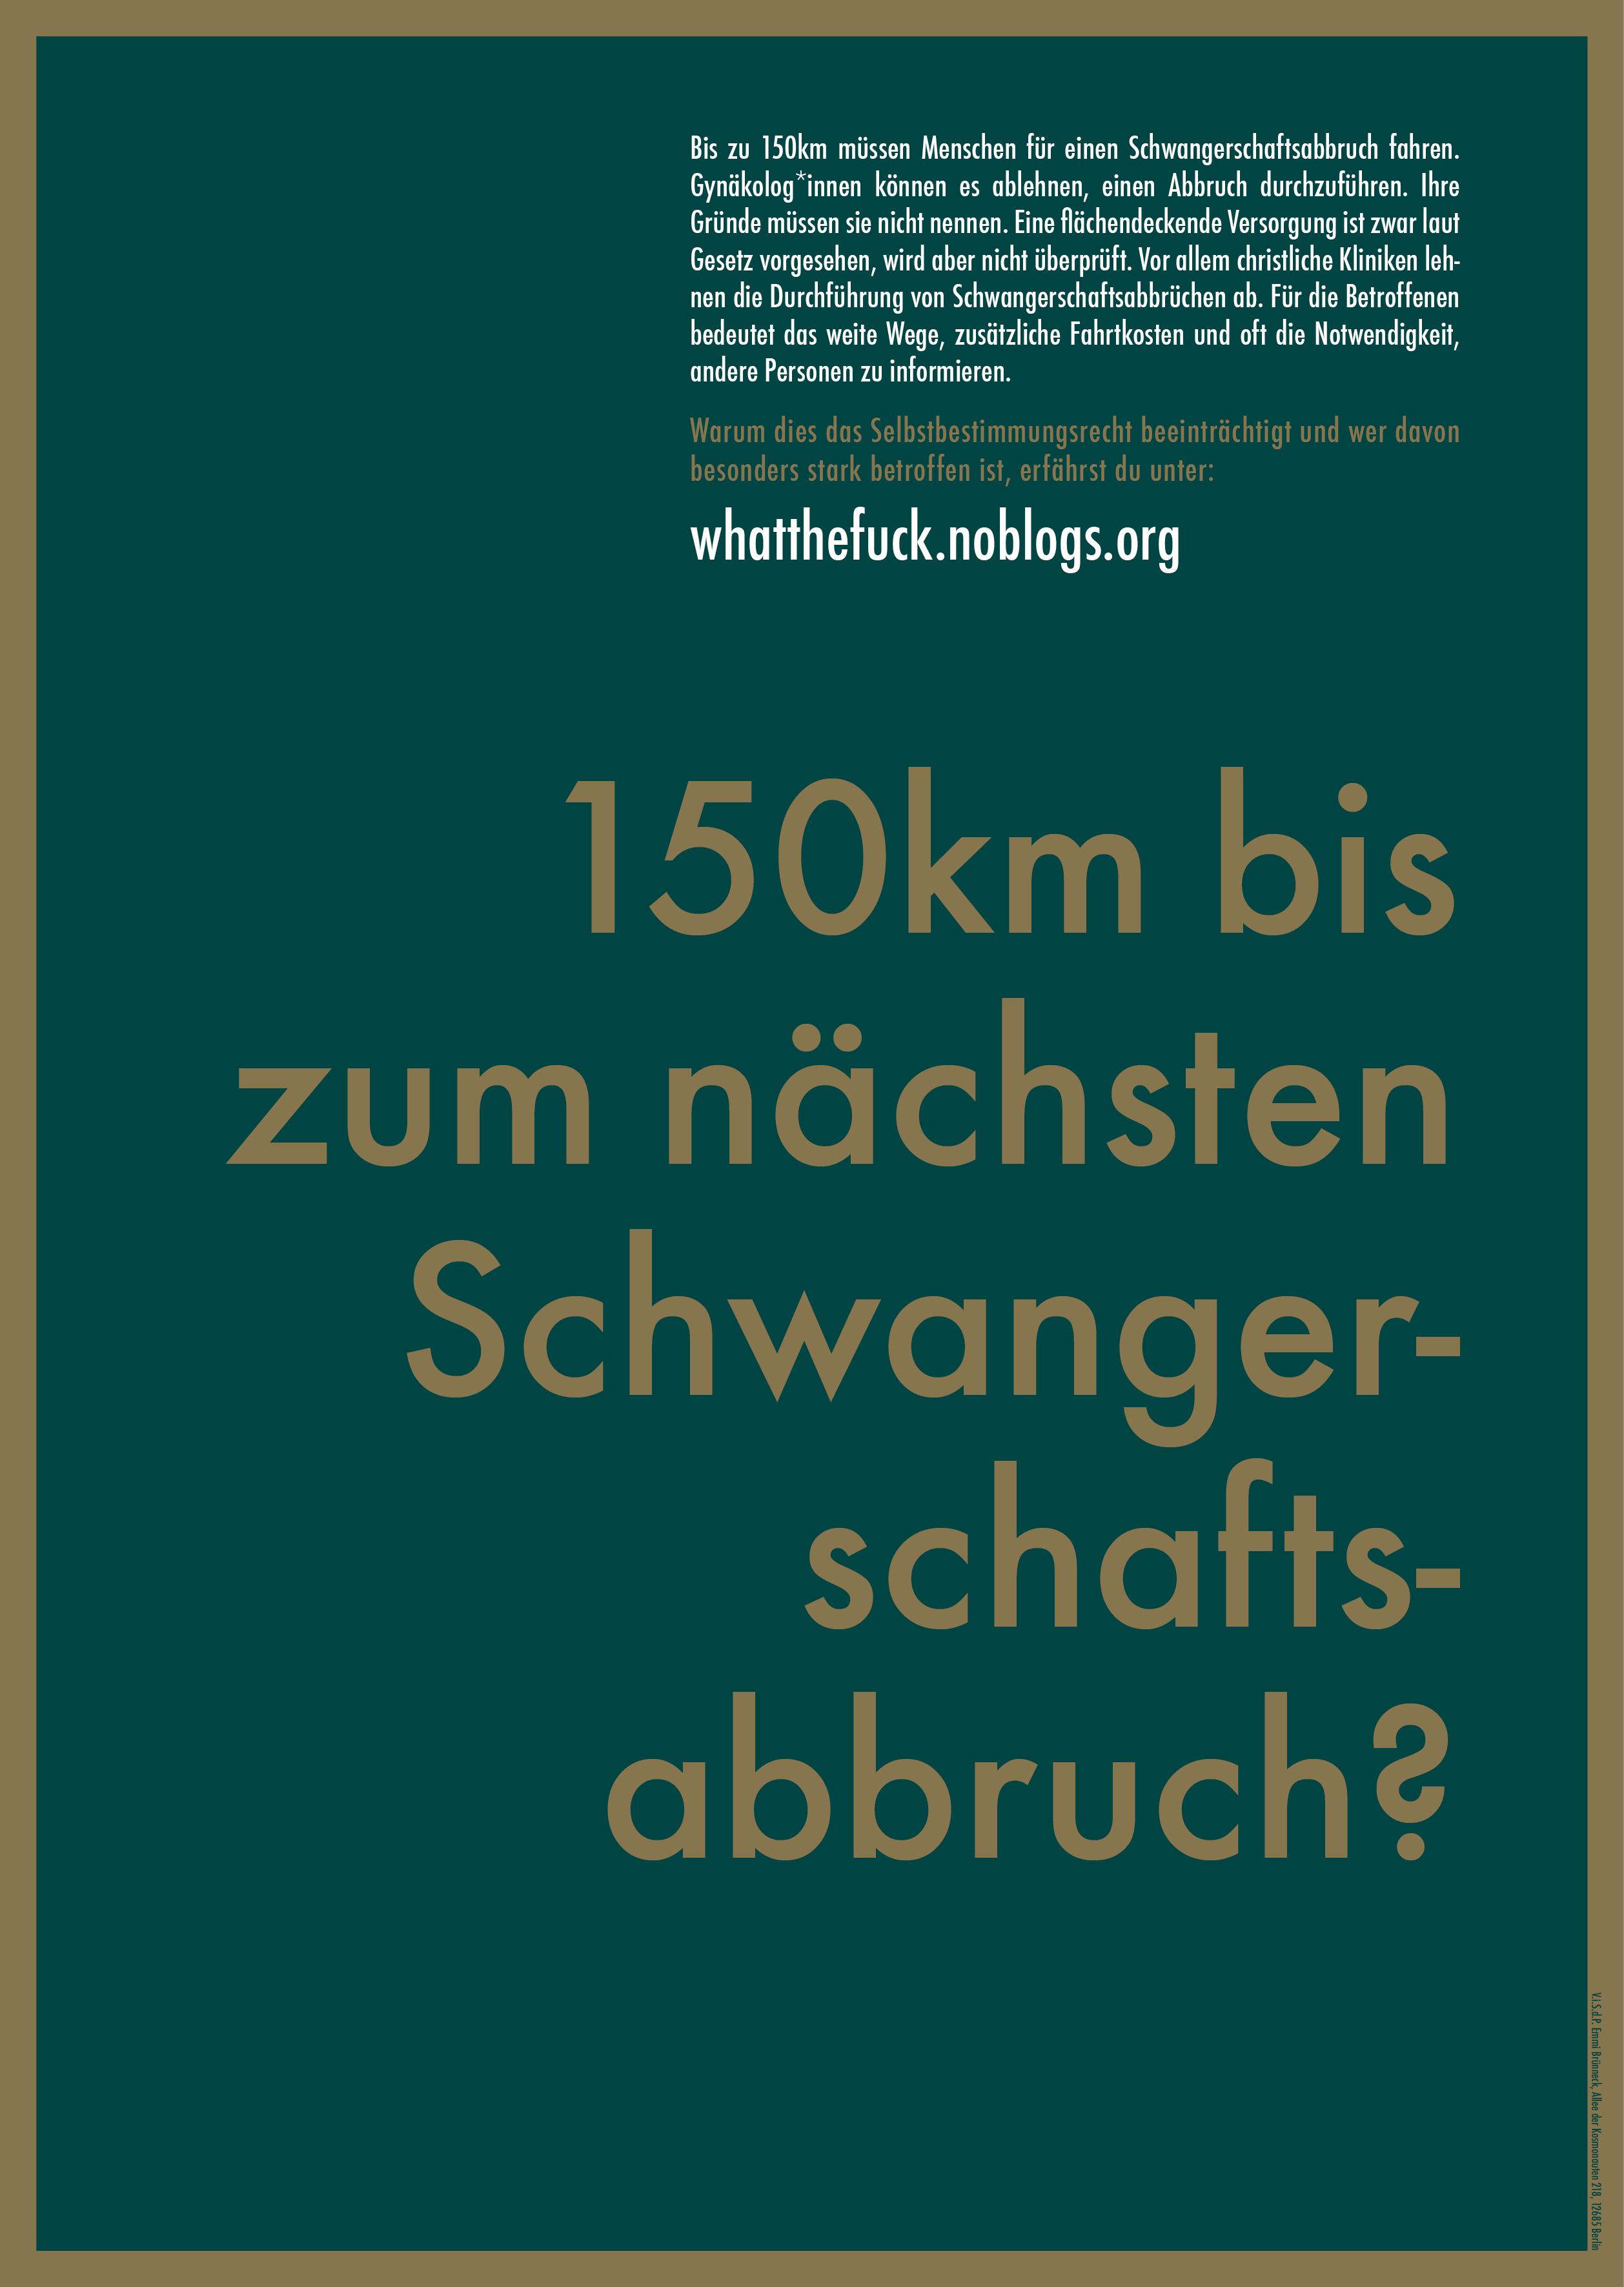 Homepage des What the Fuck bündnisses über die Gegendemo zum Marsch für das Leben. Wie ist die Situation mit Abtreibungen in Deutschland?